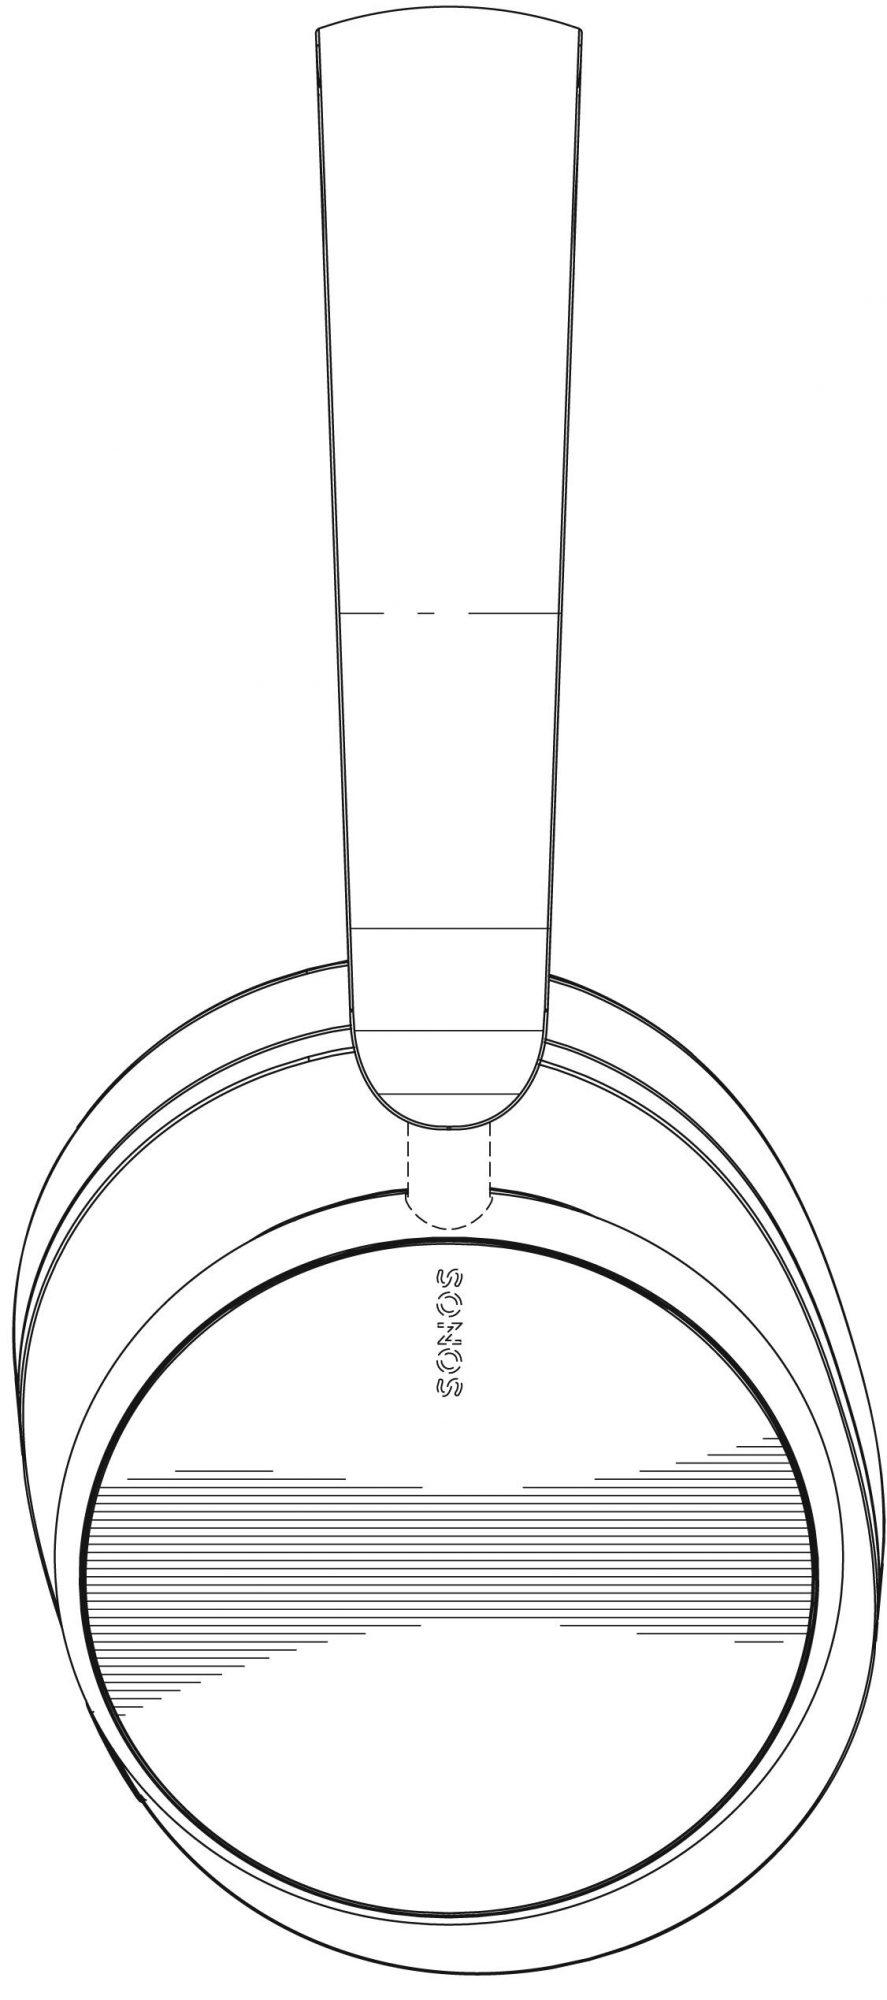 Sonos headphones 5